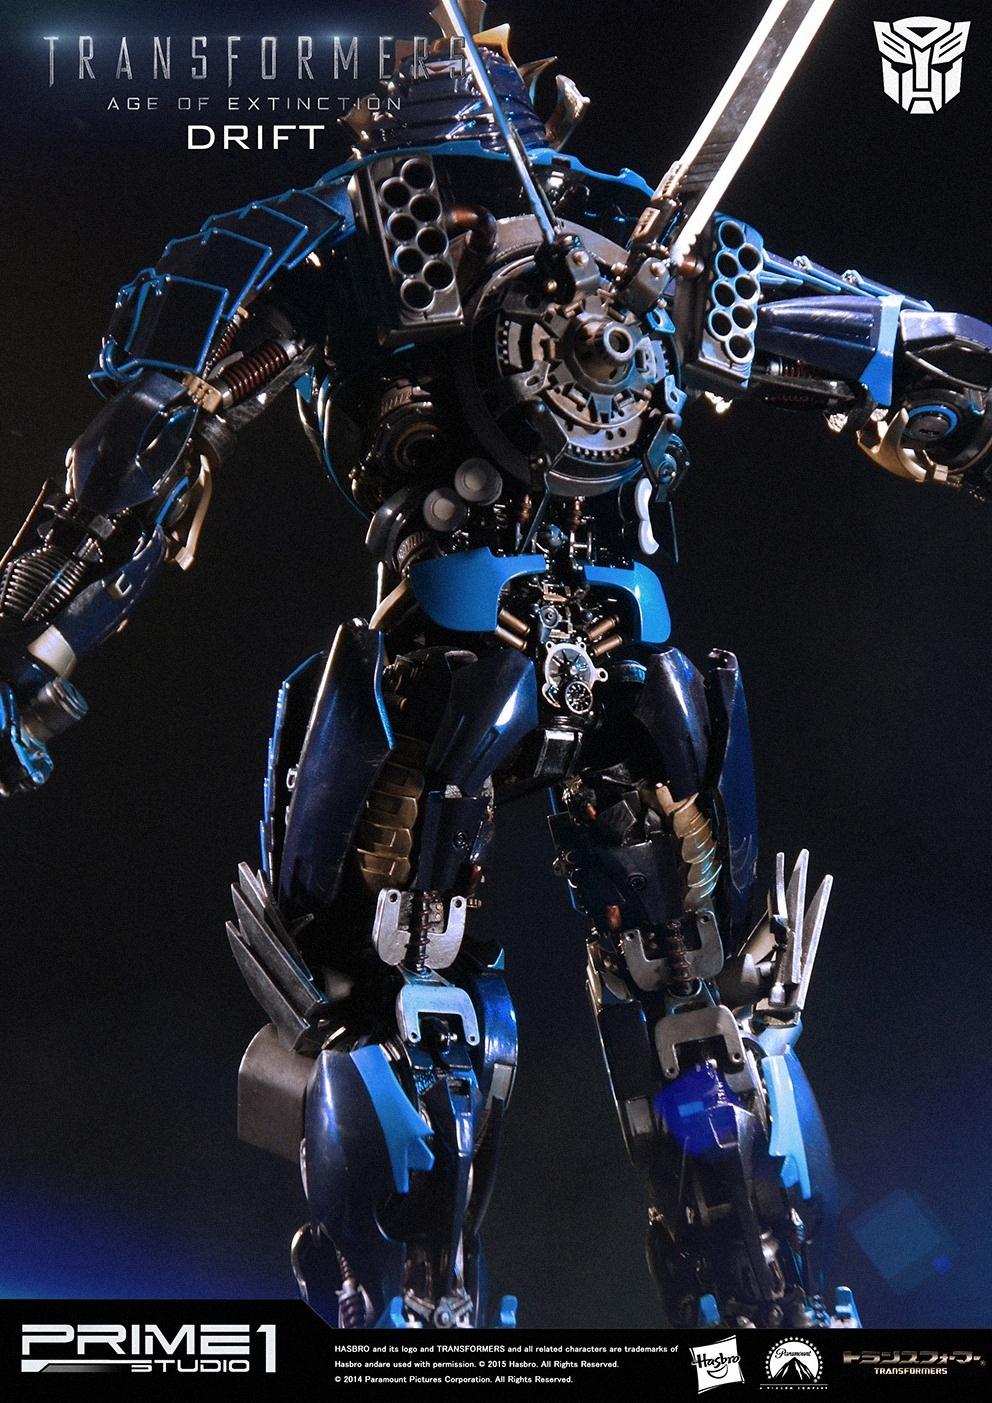 Statues des Films Transformers (articulé, non transformable) ― Par Prime1Studio, M3 Studio, Concept Zone, Super Fans Group, Soap Studio, Soldier Story Toys, etc - Page 3 375267image1423754608